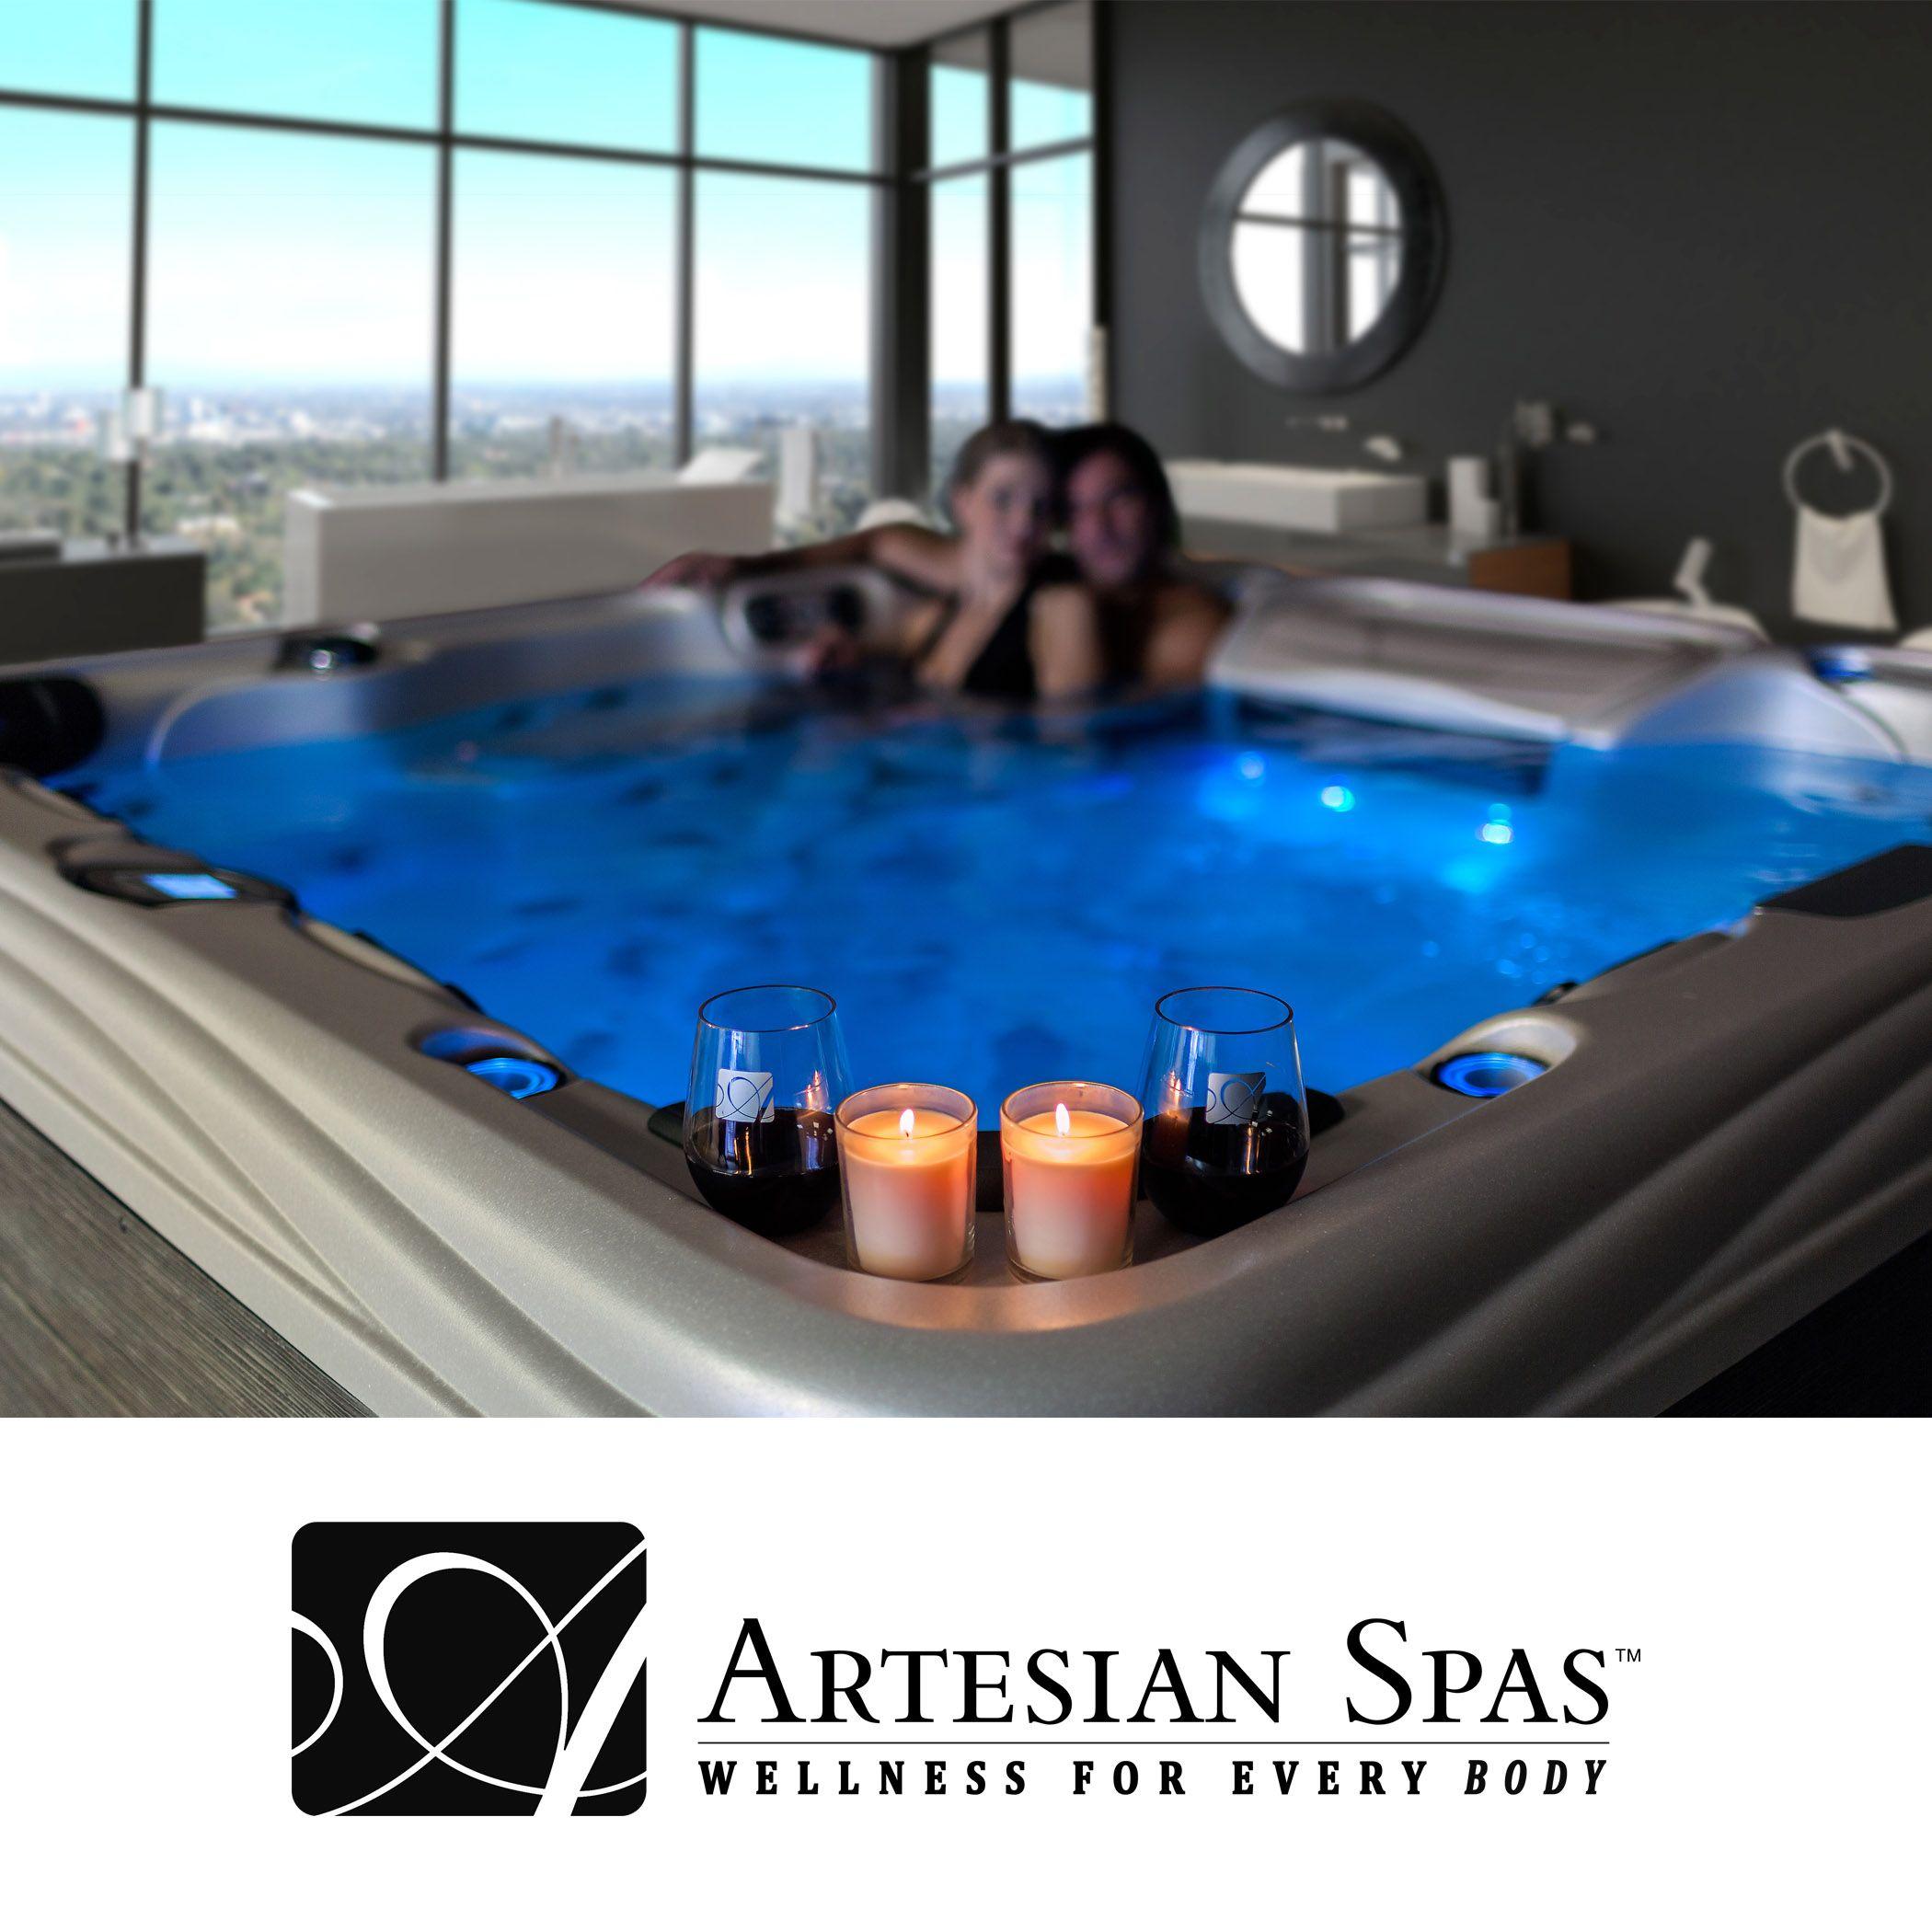 platinum elite tub by artesian spas http artesianspas com